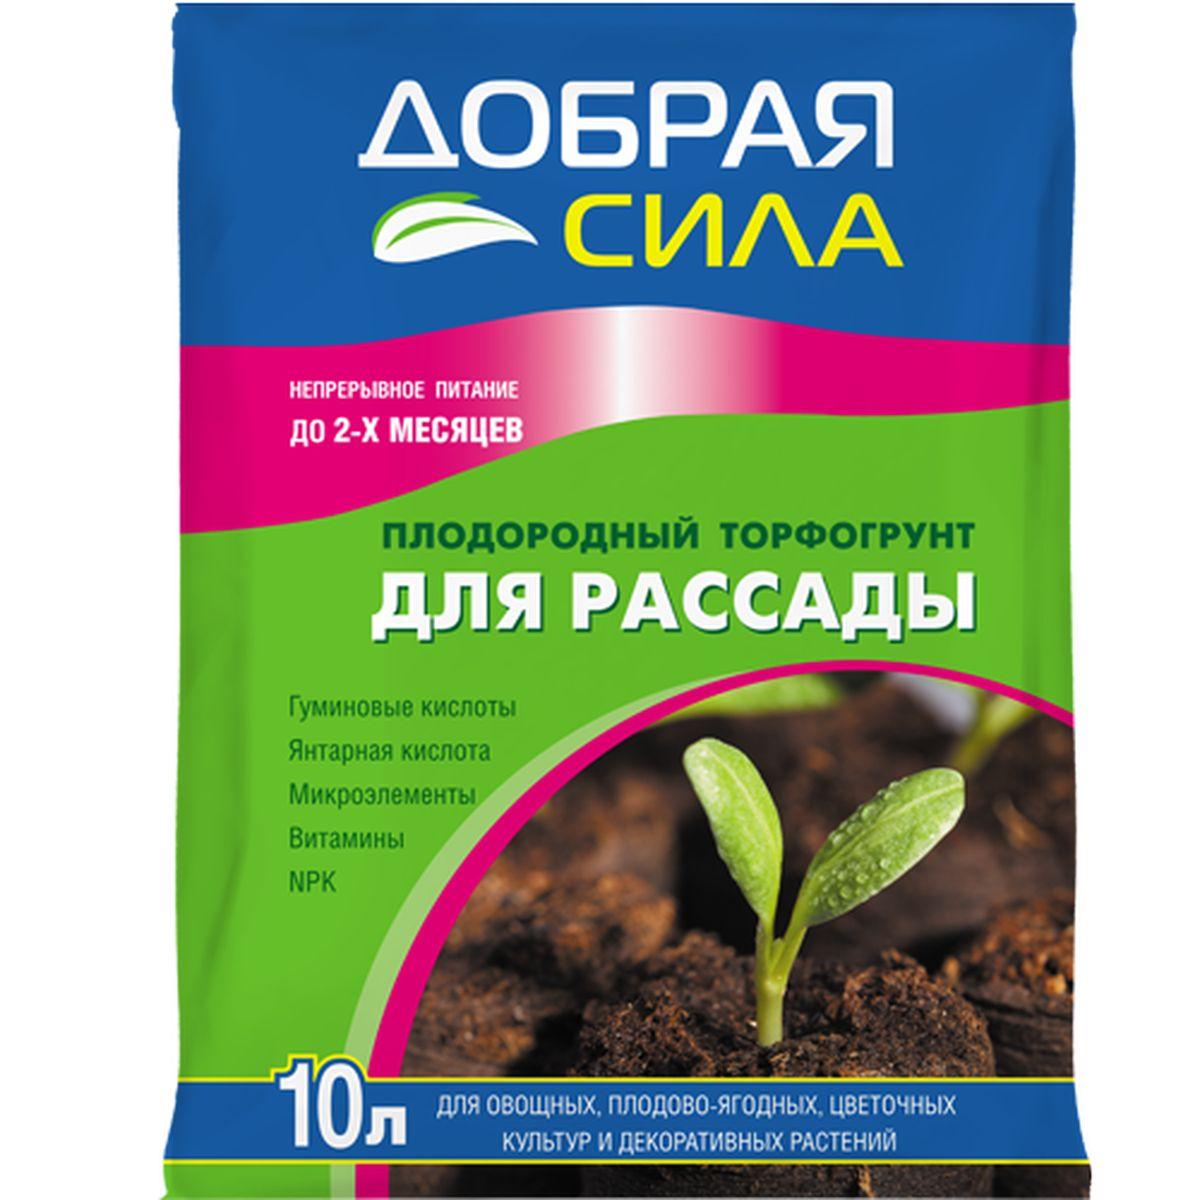 Почвенный грунт на основе торфа Добрая Сила, для рассады, 10 лDS-29-01-006-1Почвенный грунт предназначен для выращивания рассады овощных, плодово-ягодных, цветочных культур и декоративных растений. Может использоваться при посеве и выращивании растений в зимних садах и оранжереях, а также при выращивании растений в теплицах и парниках.